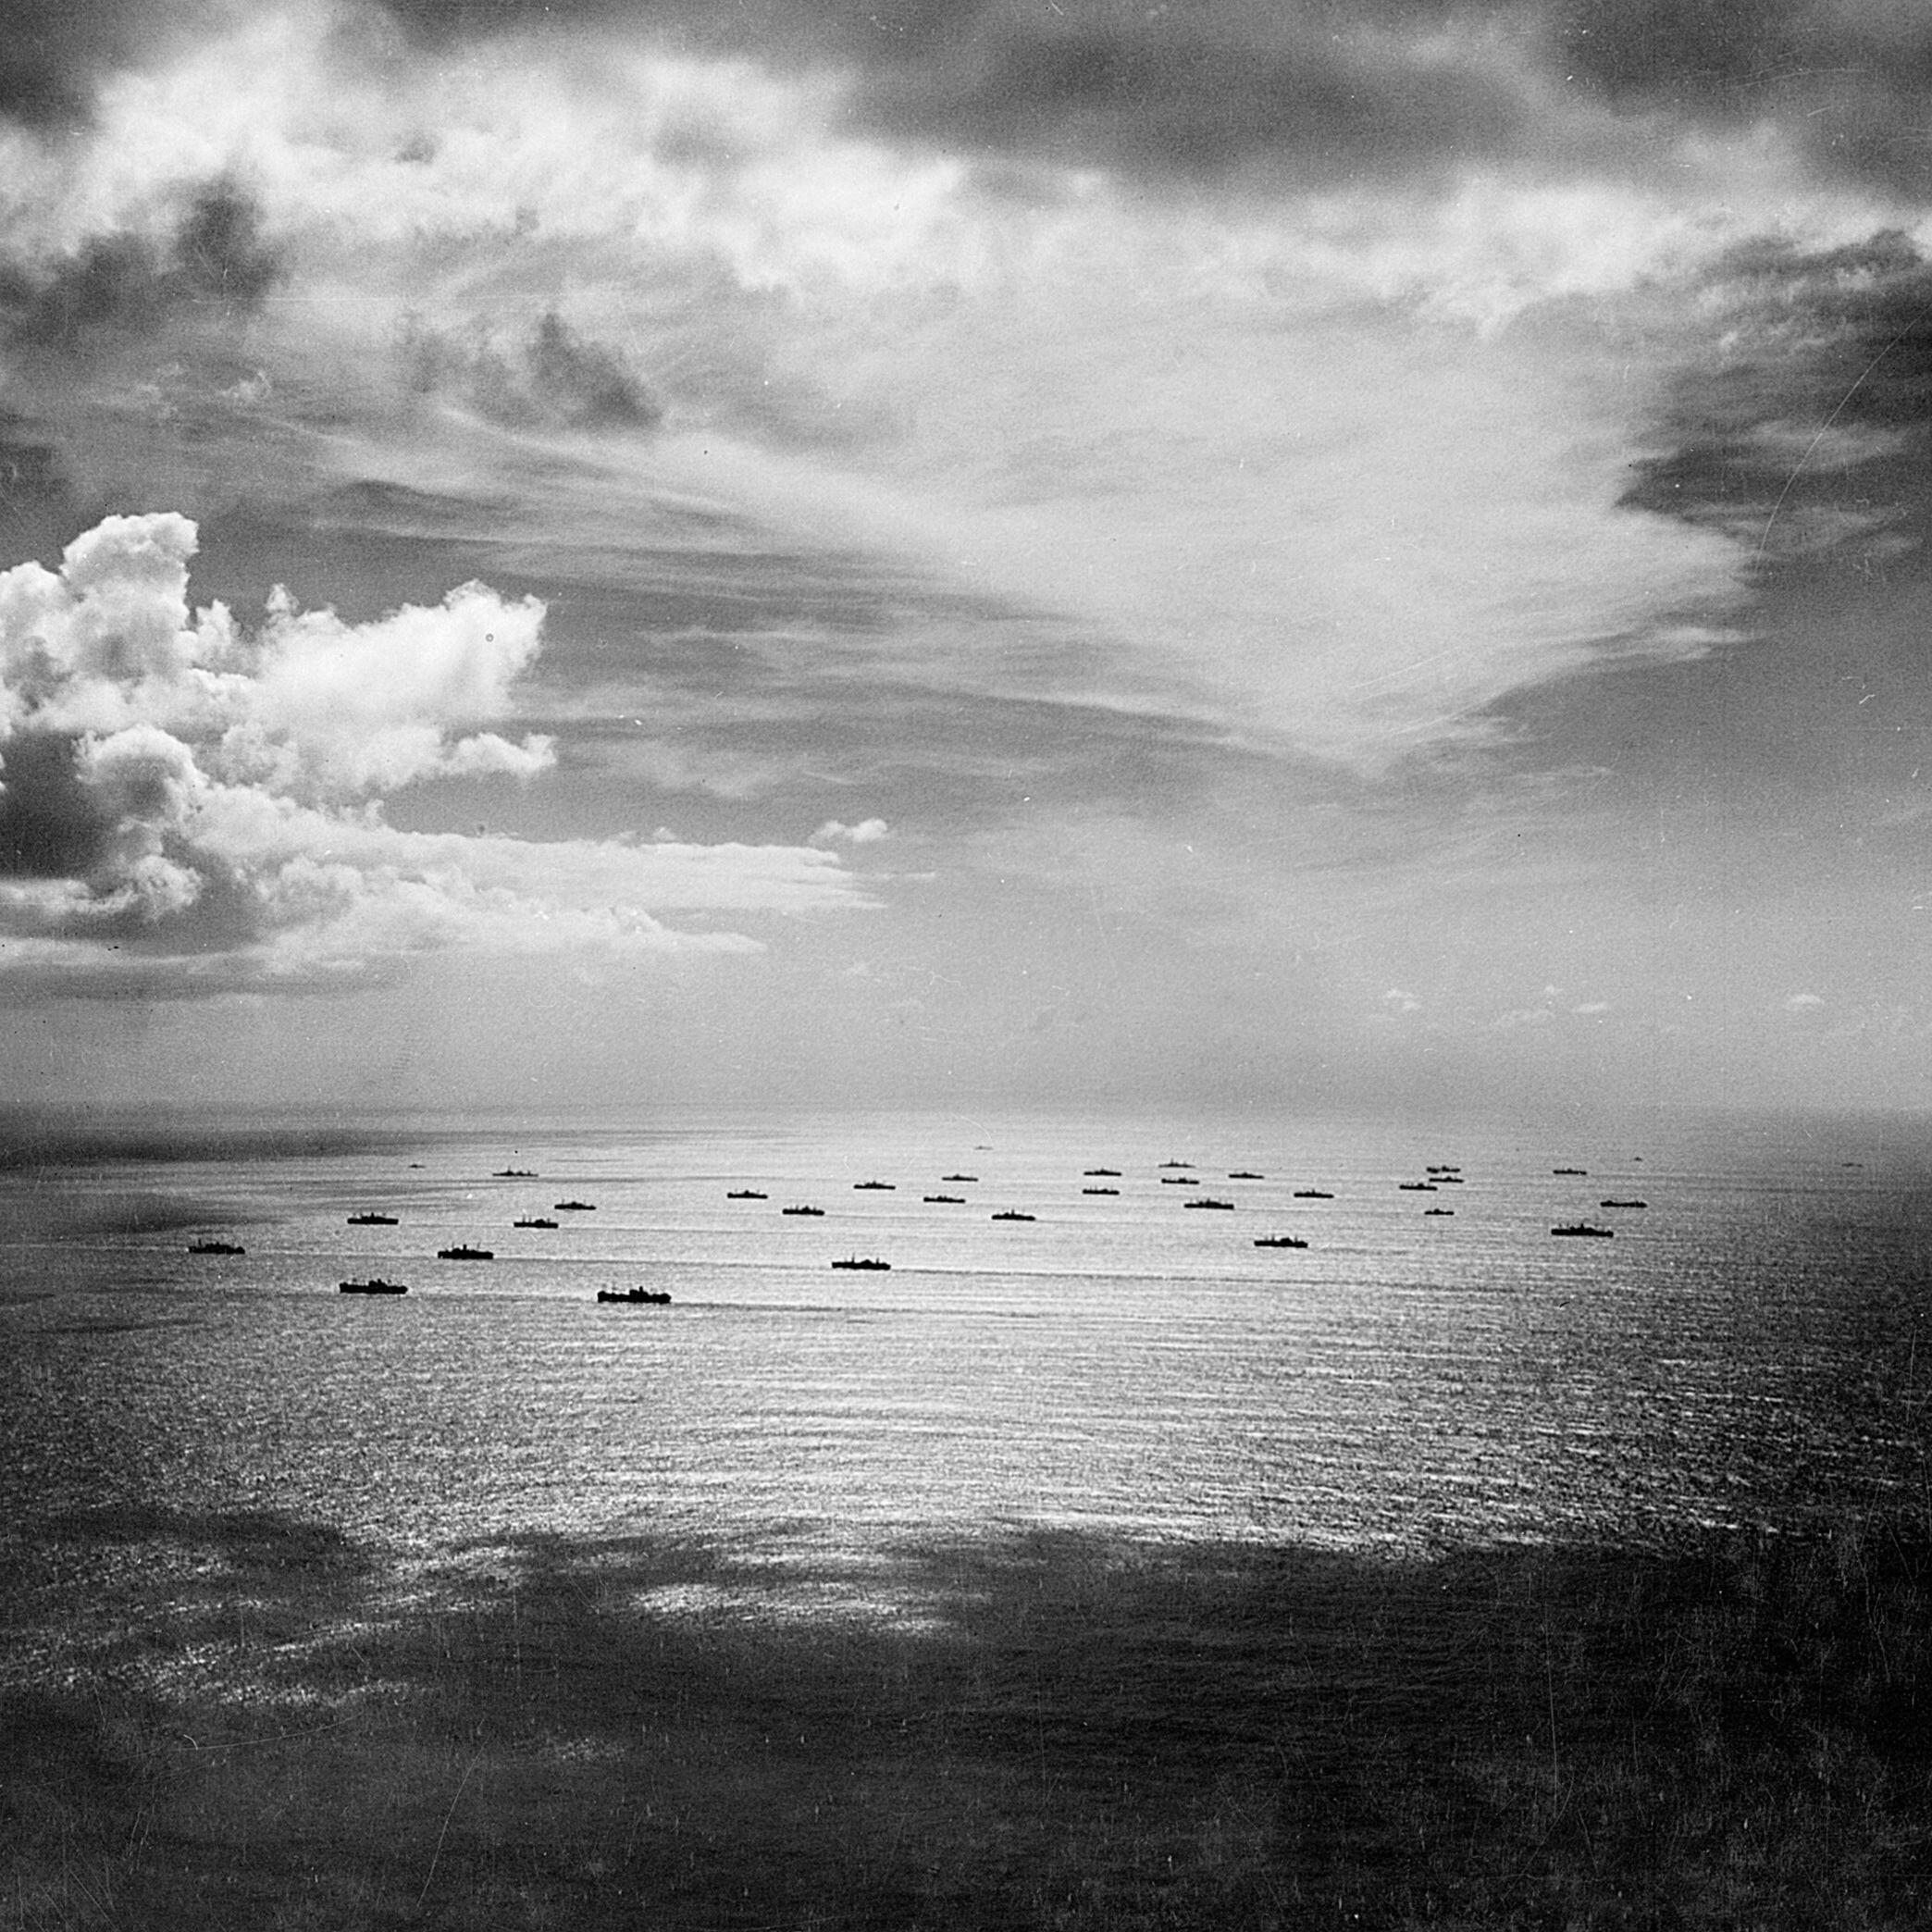 第二次大戦でイギリスの通商ルートをことごとく破壊し苦しめた、ドイツ軍の「ある戦術」